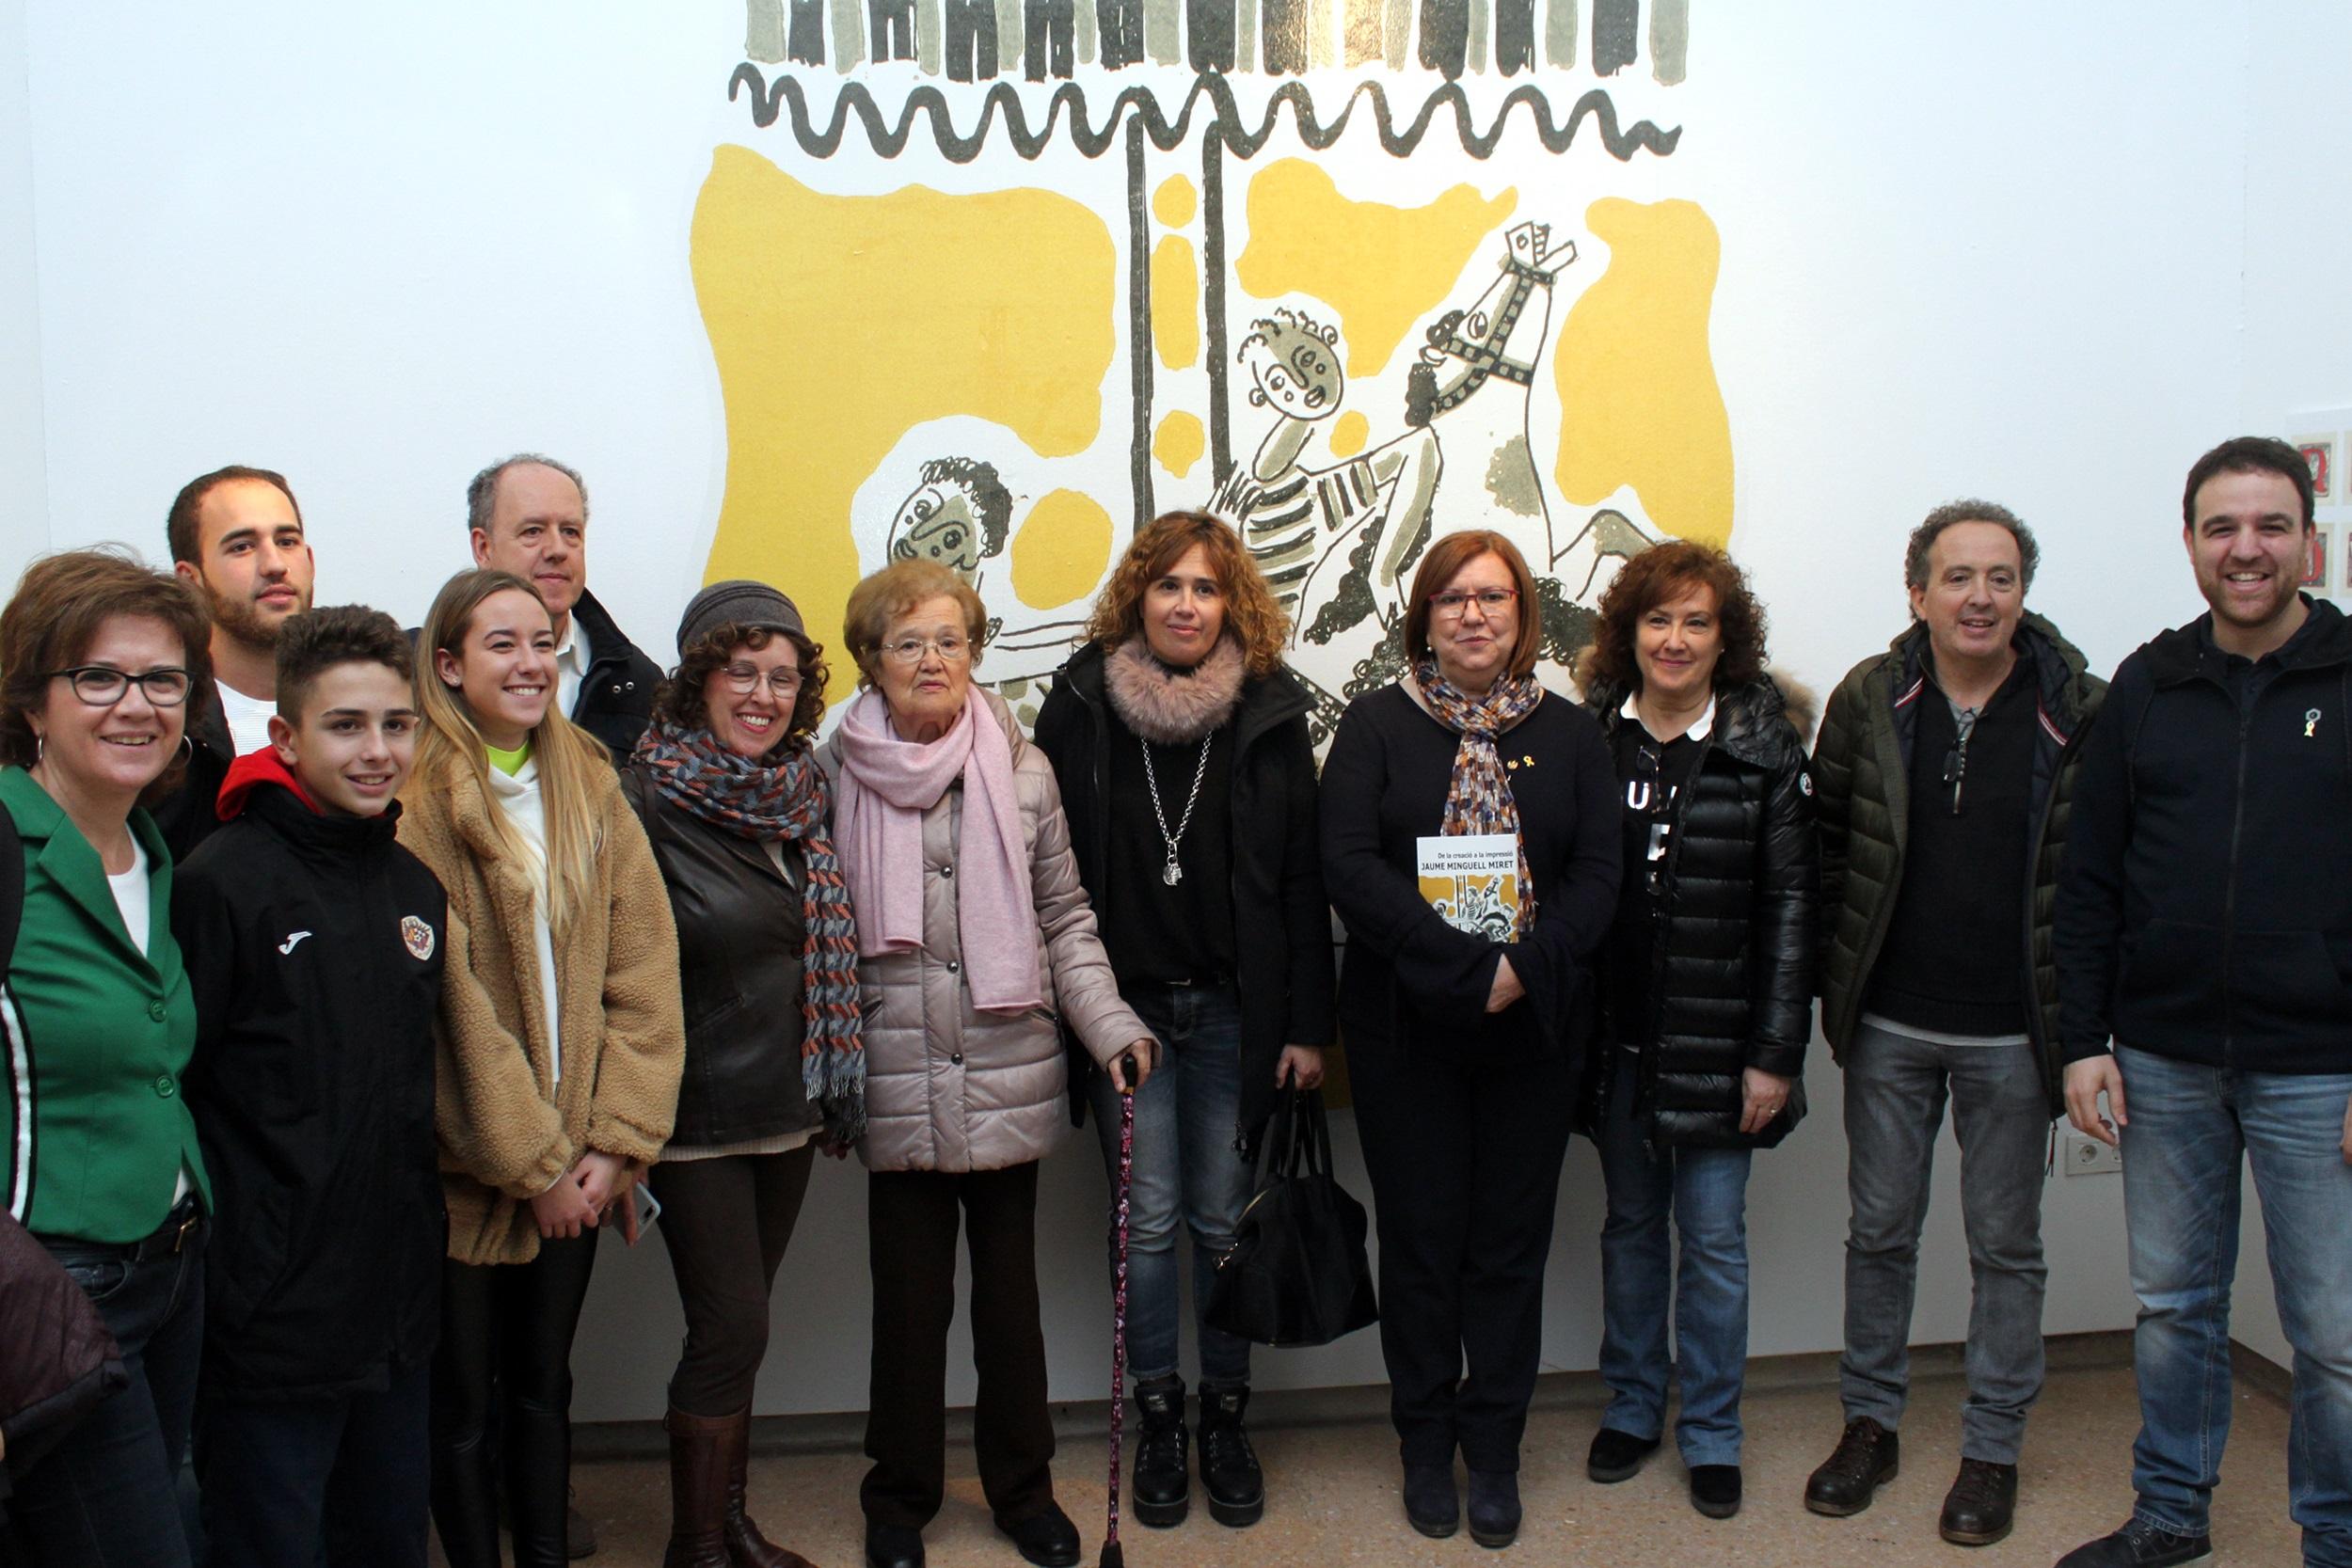 La Sala Marsà acull una exposició sobre el vessant com a il•lustrador de l'artista Jaume Minguell